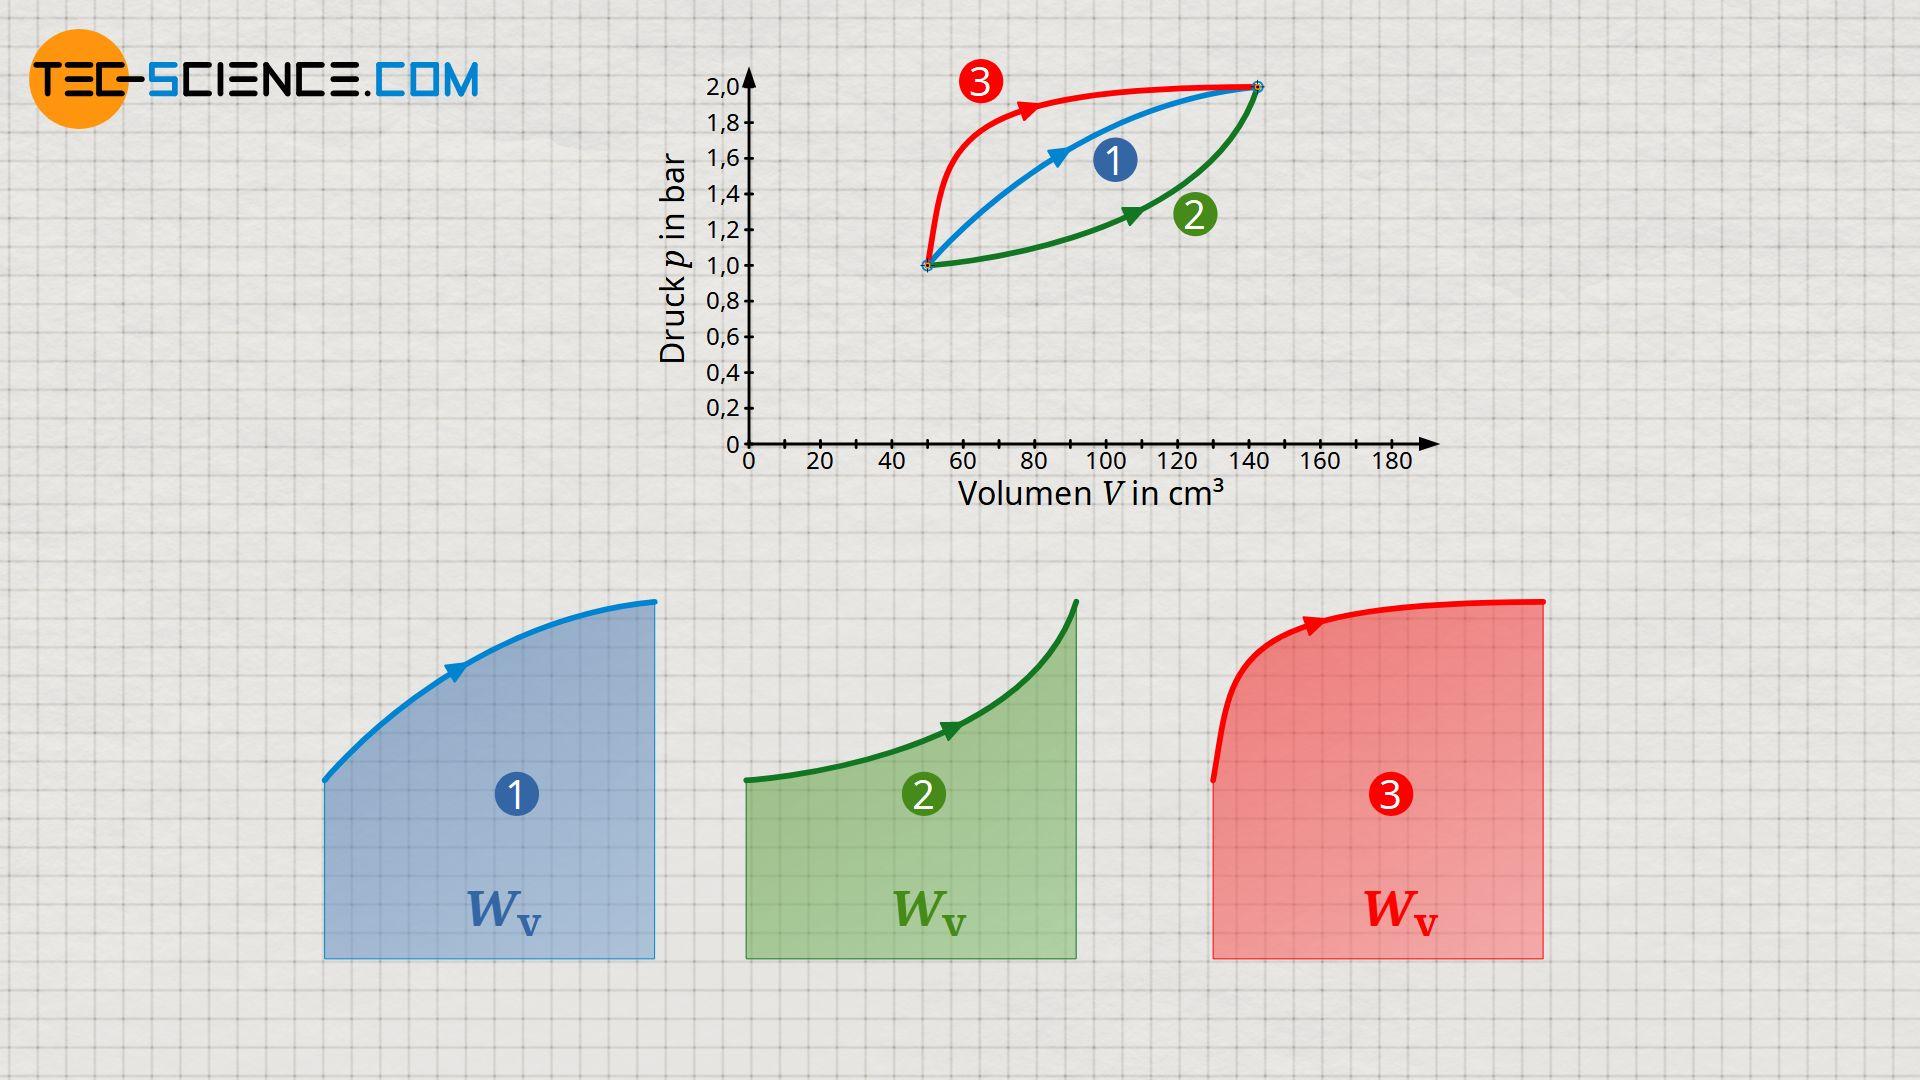 Volumenänderungsarbeiten als Wegfunktion (Prozessgröße)